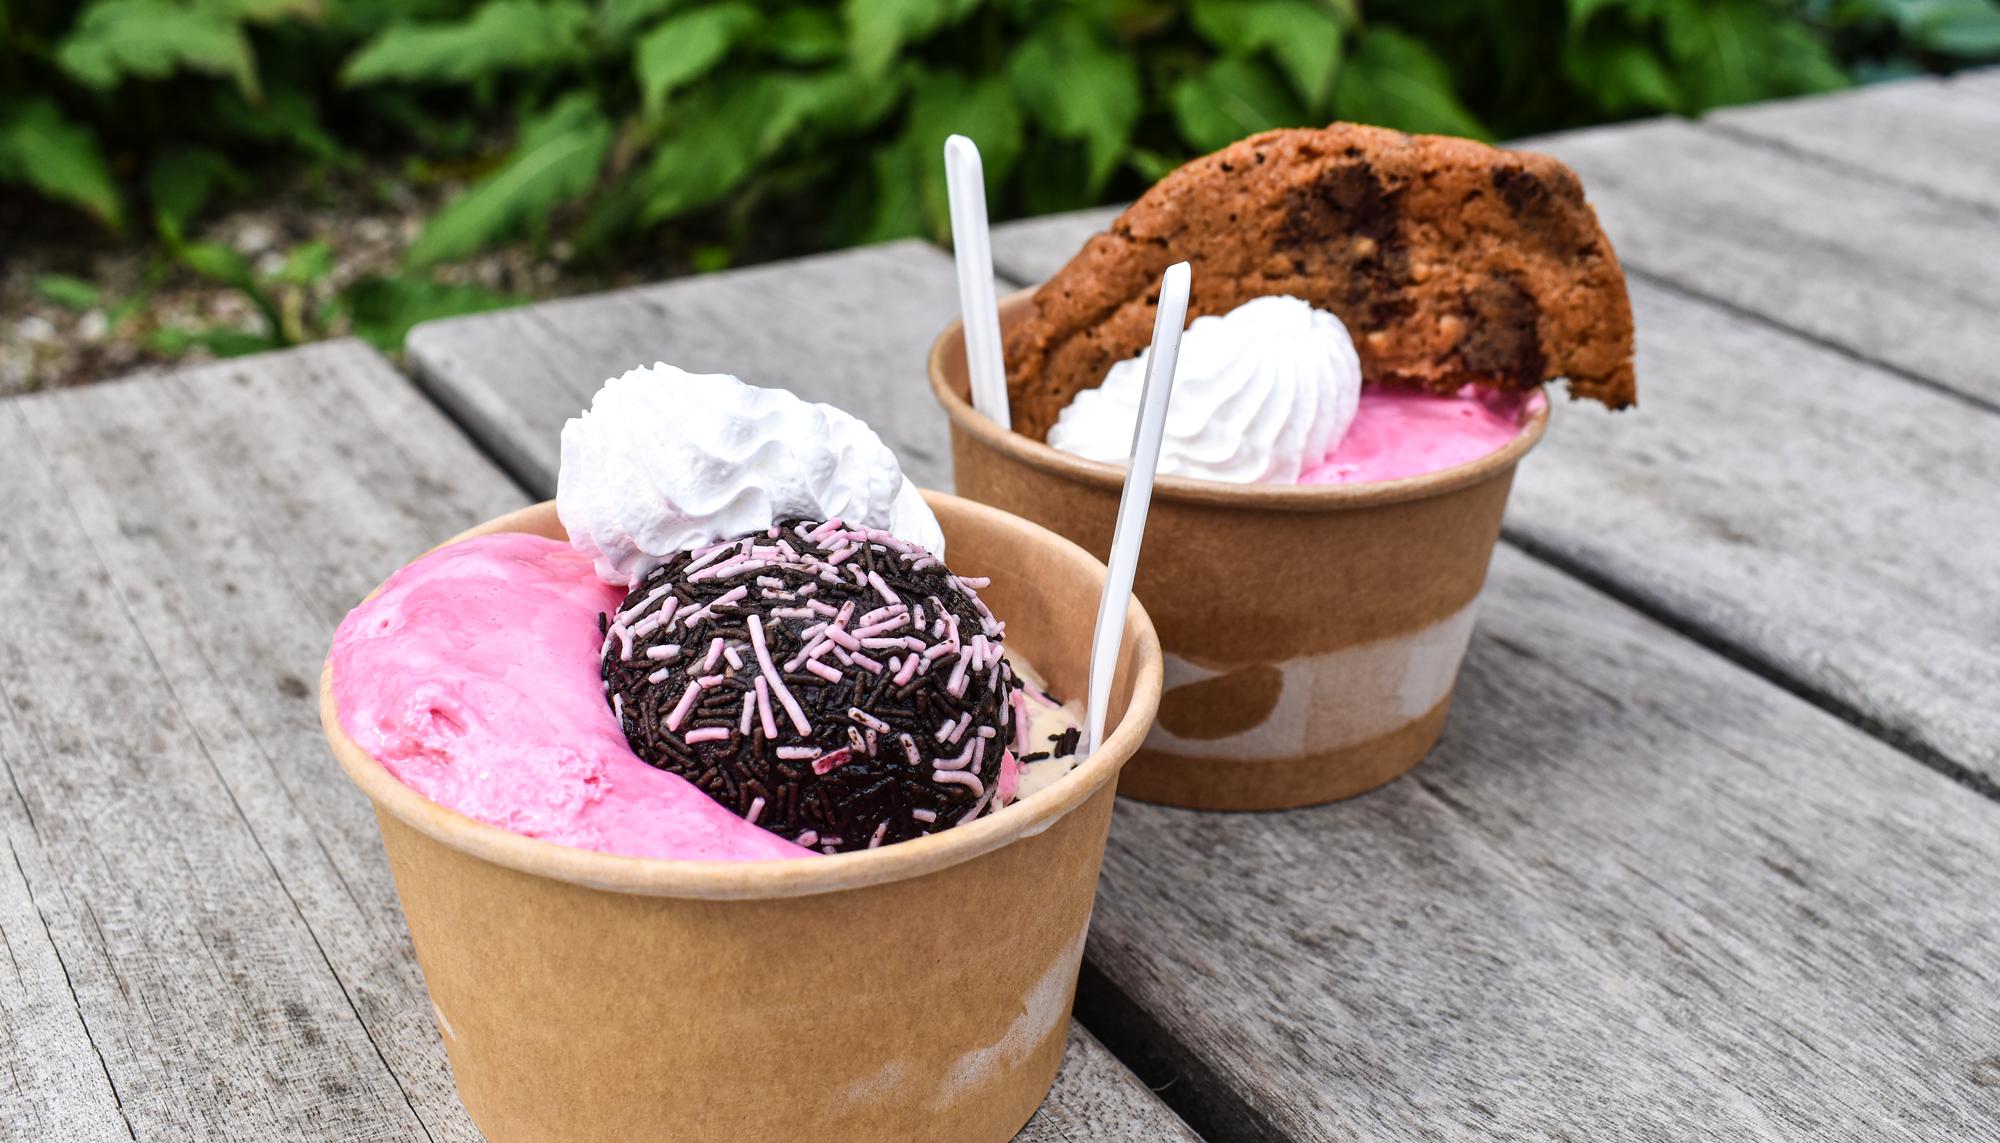 Fristende lækkerier: 5 ting du skal smage i sommervarmen